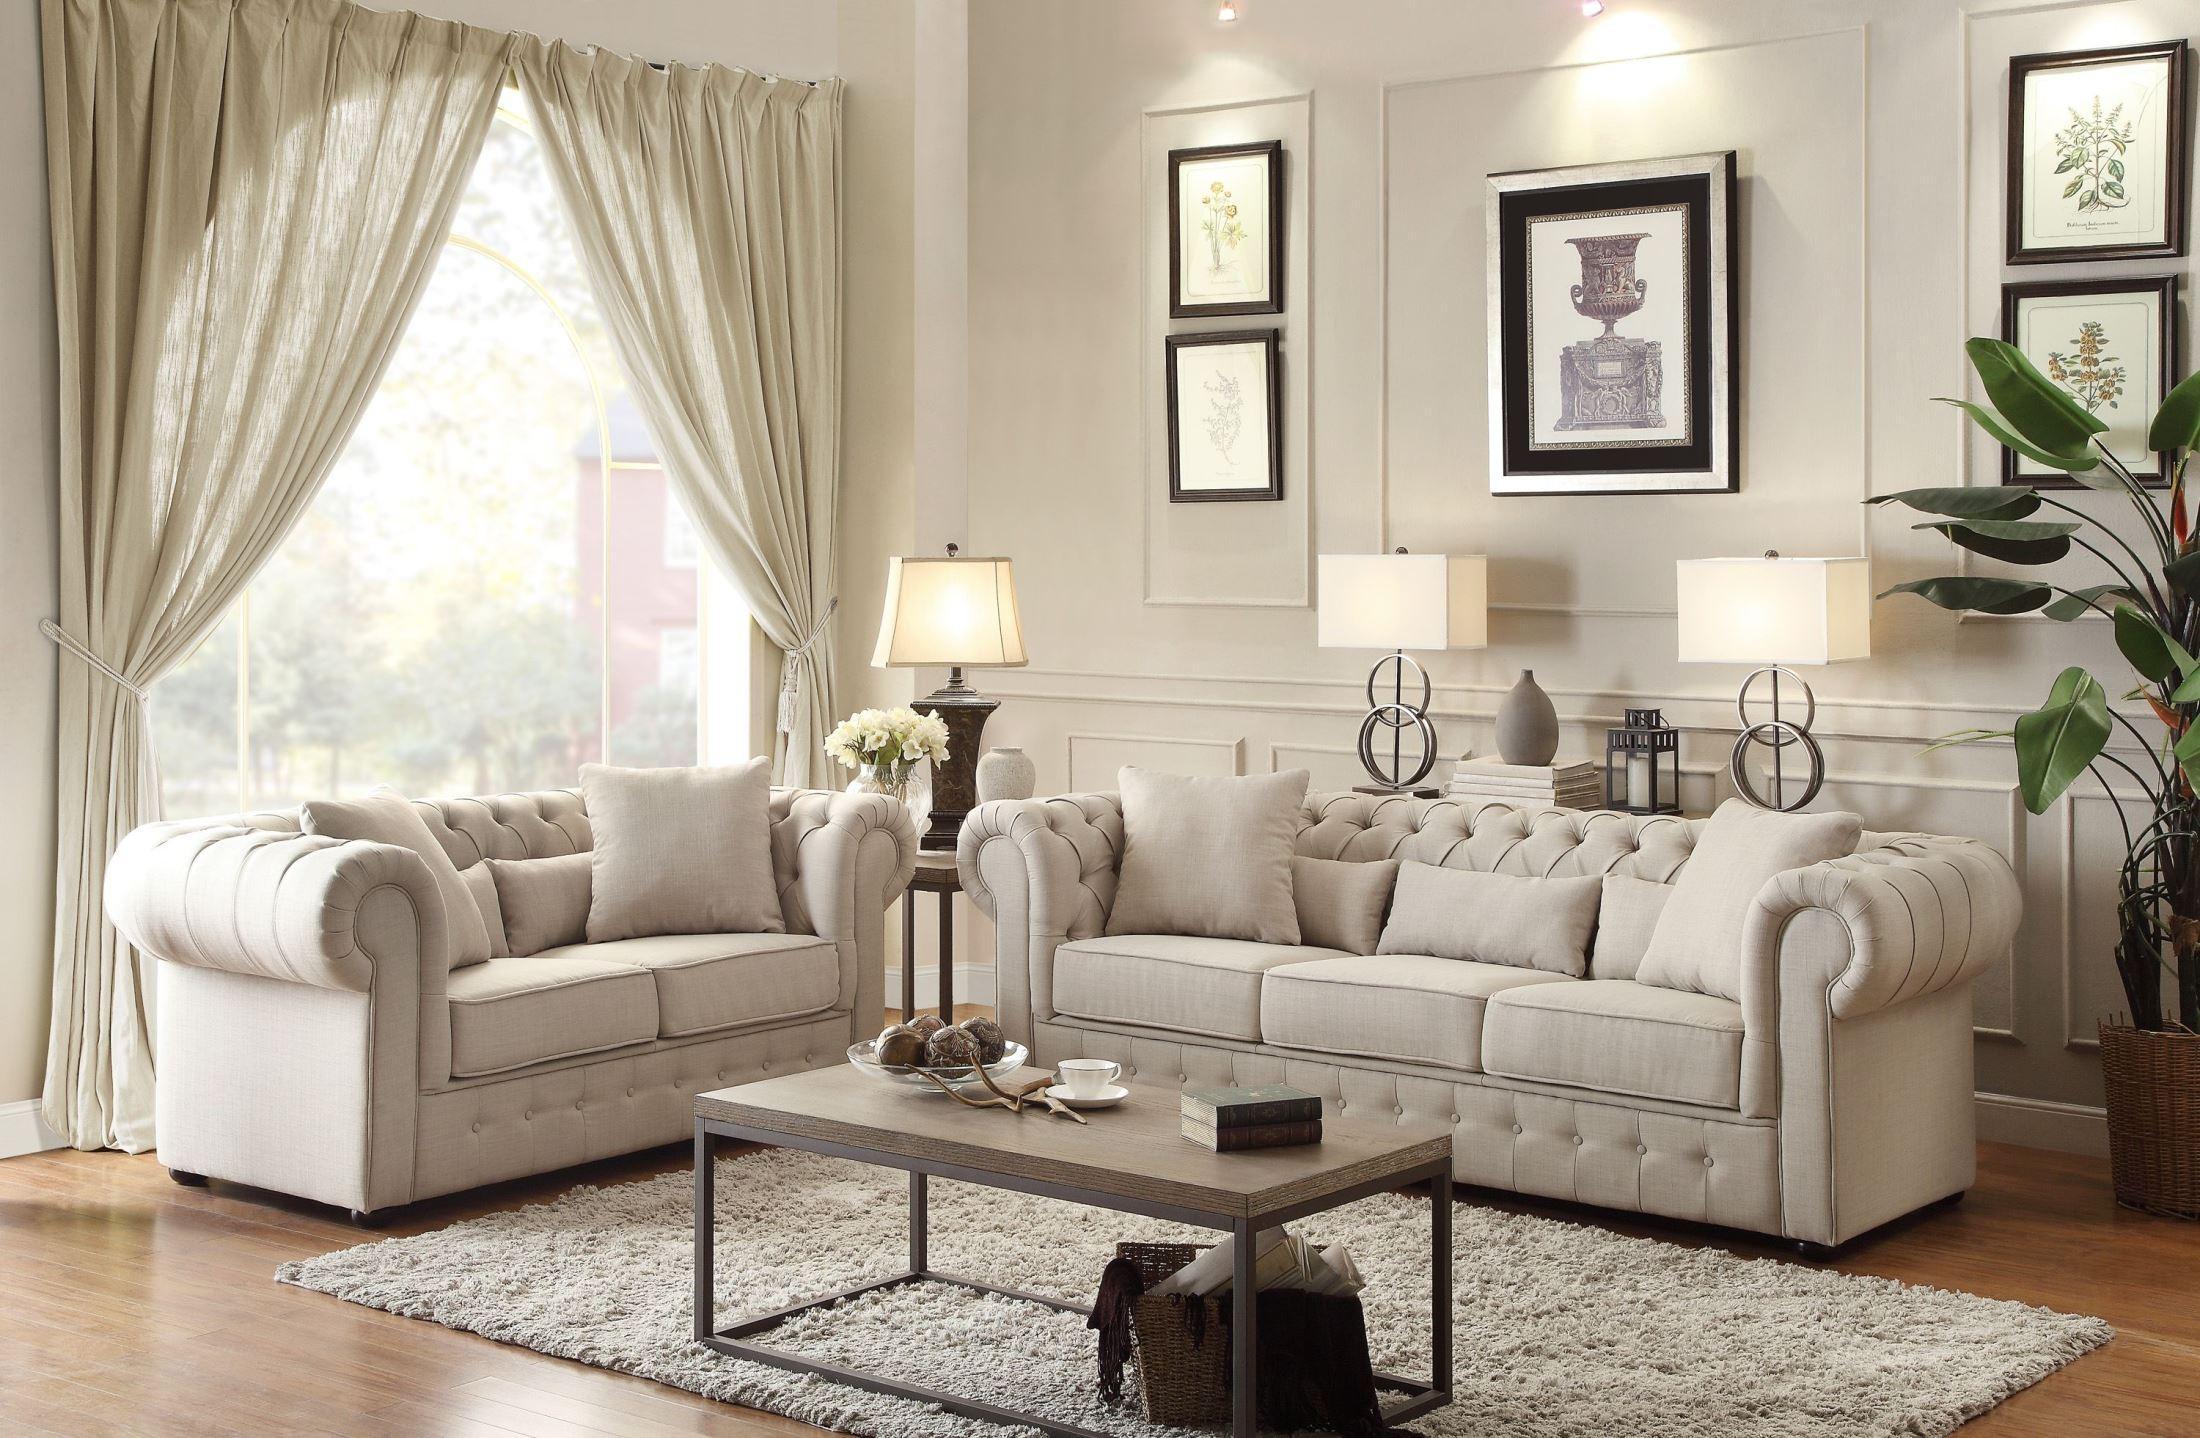 Savonburg Natural Tone Living Room Set From Homelegance